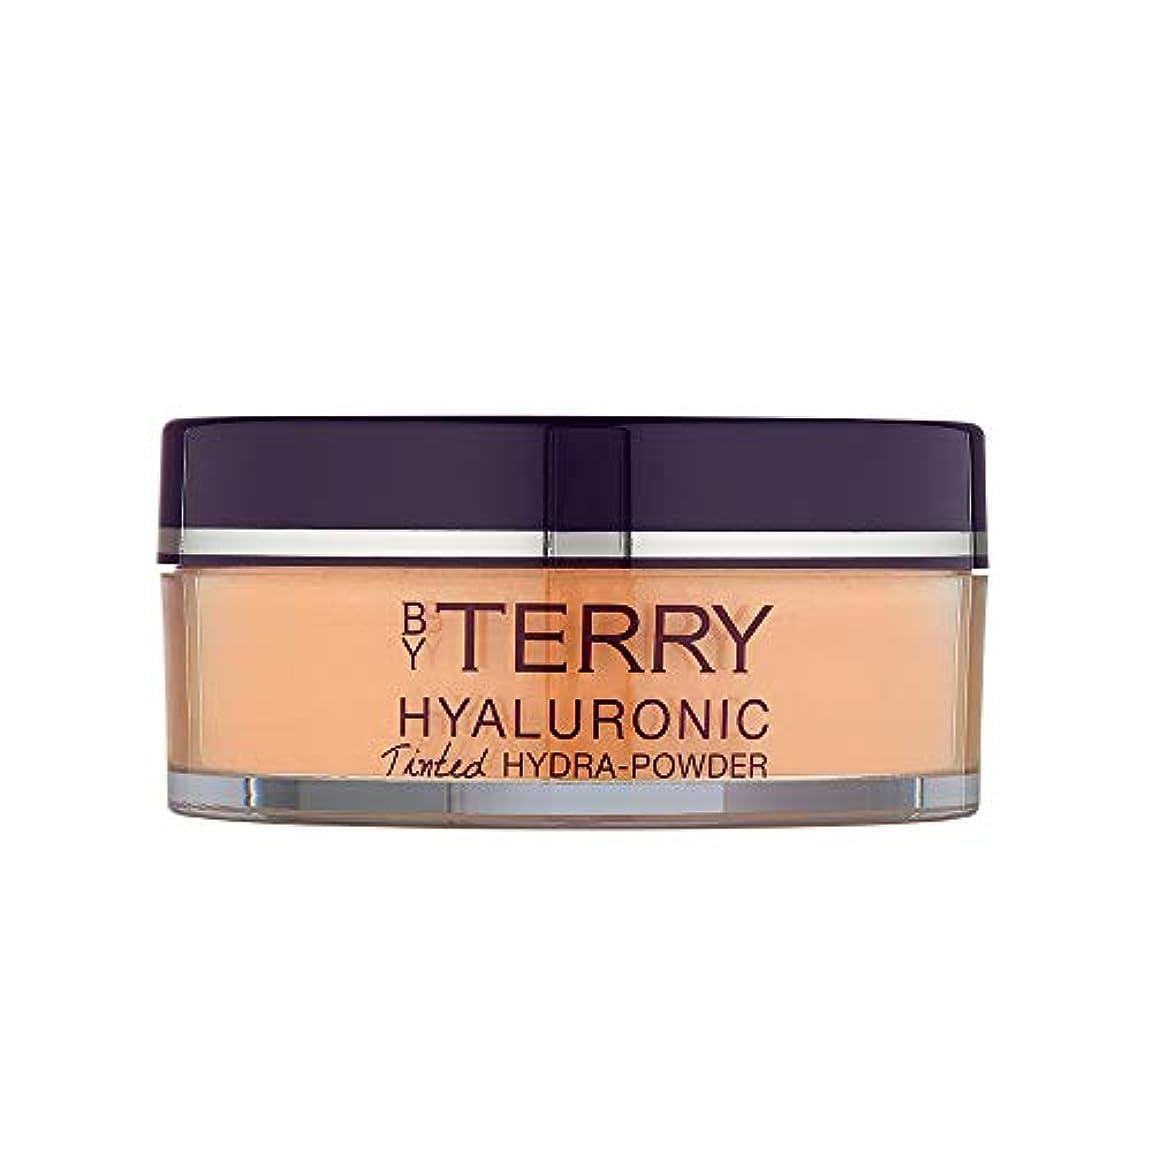 統治する謎委員会バイテリー Hyaluronic Tinted Hydra Care Setting Powder - # 300 Medium Fair 10g/0.35oz並行輸入品